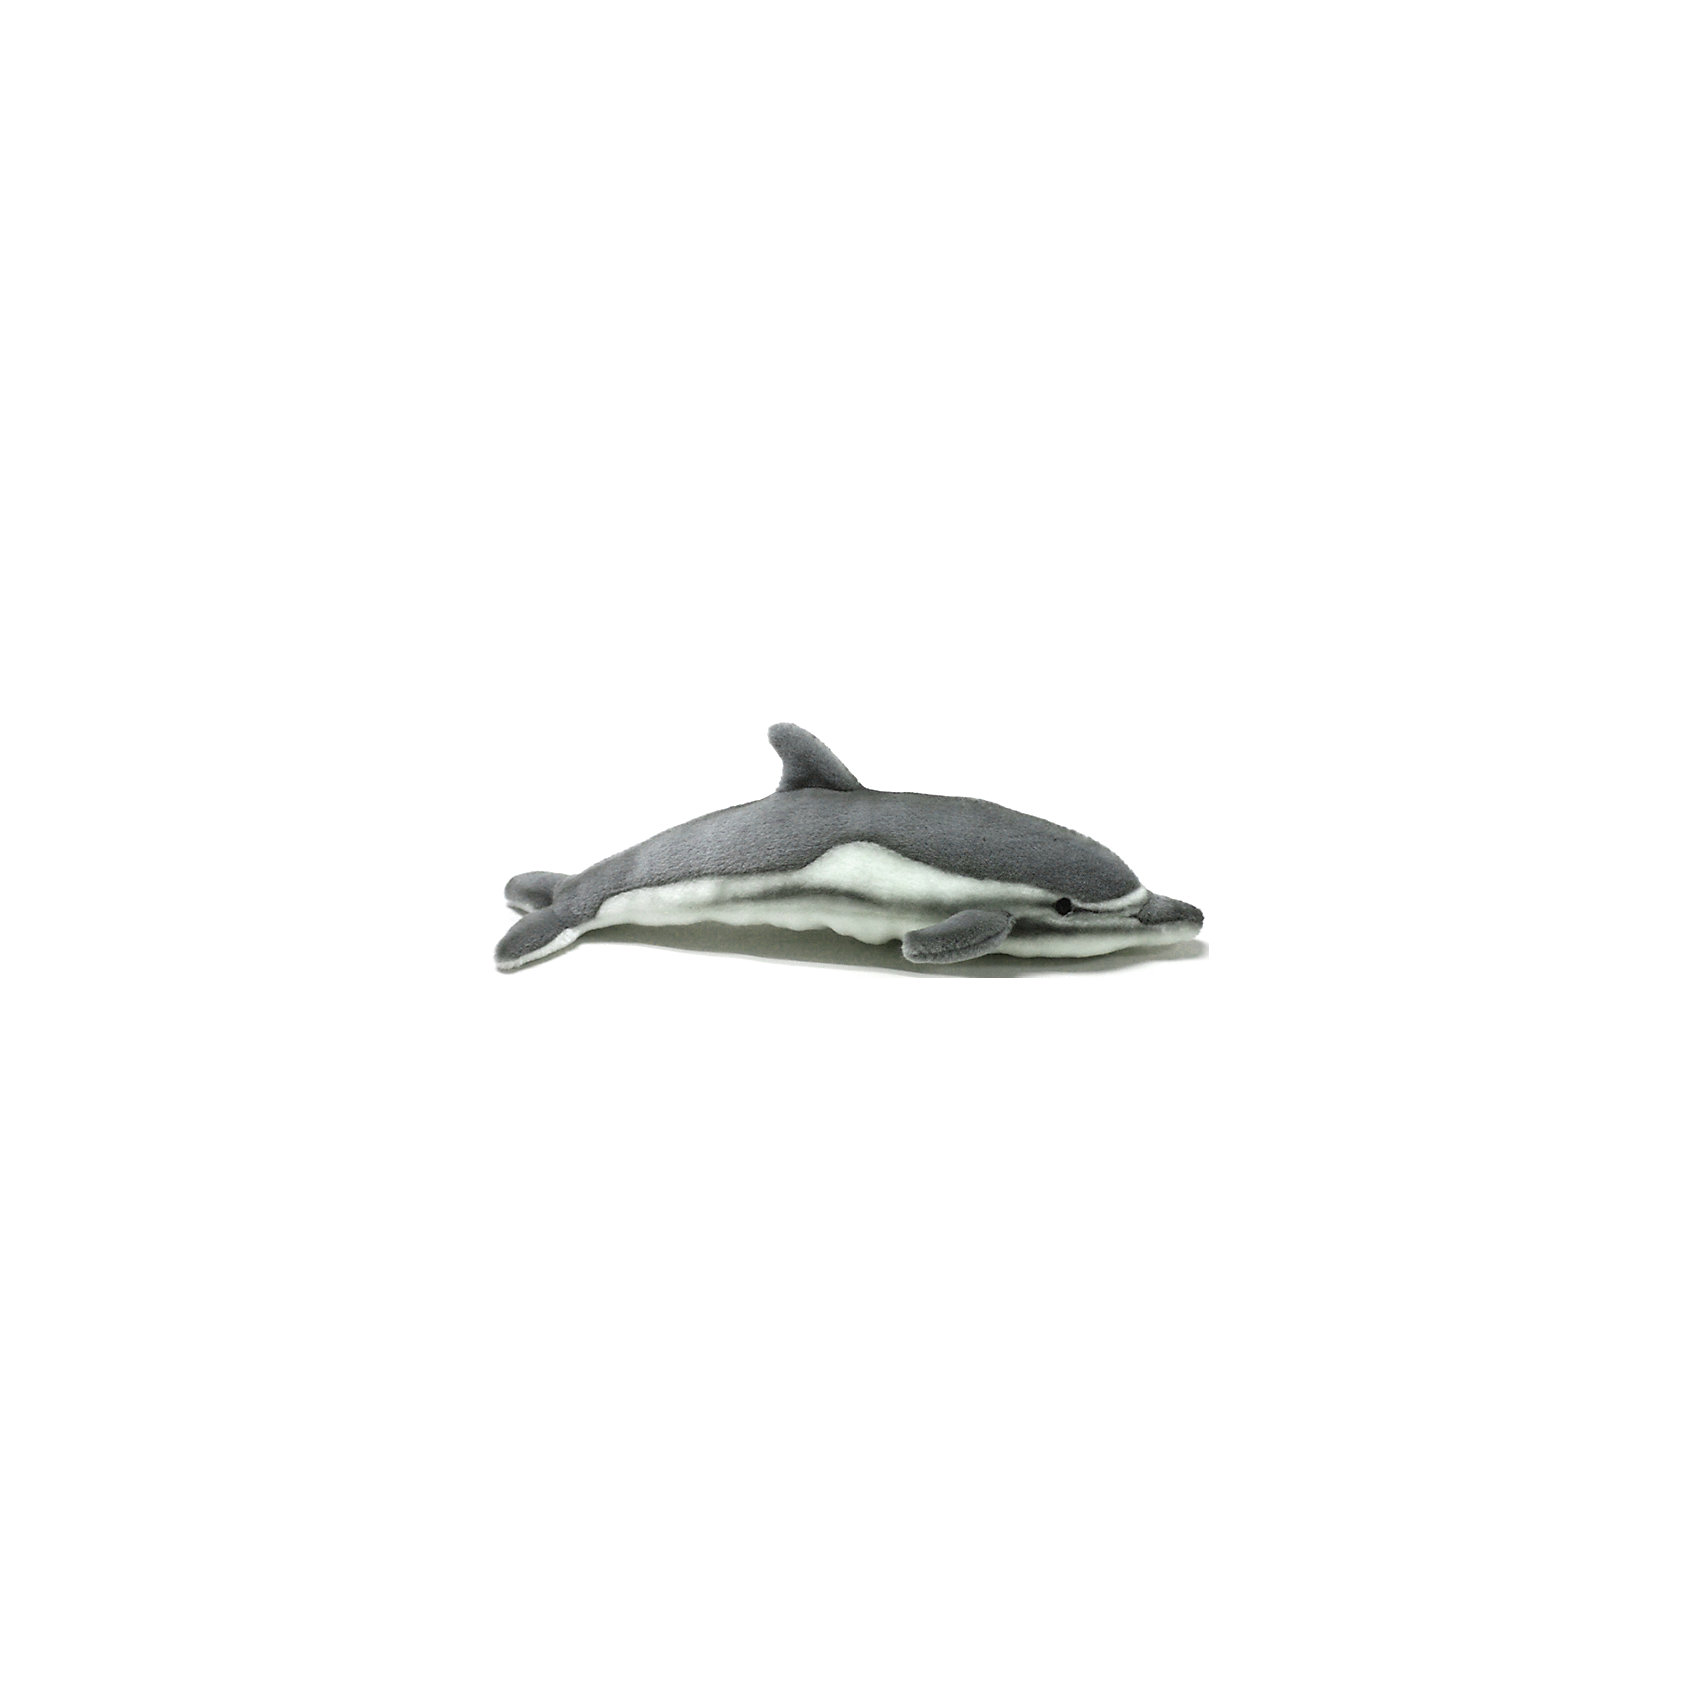 Дельфин, 40 смМягкие игрушки животные<br>Дельфин, 40 см – игрушка от знаменитого бренда Hansa, специализирующегося на выпуске мягких игрушек с высокой степенью натуралистичности. Внешний вид игрушечного дельфина полностью соответствует реальному прототипу. Он выполнен из искусственного меха с коротким ворсом серого оттенка и белой грудкой. Использованные материалы обладают гипоаллергенными свойствами. Внутри игрушки имеется металлический каркас, позволяющий изменять положение. <br>Игрушка относится к серии Дикие животные. <br>Мягкие игрушки от Hansa подходят для сюжетно-ролевых игр, для обучающих игр, направленных на знакомство с животным миром дикой природы. Кроме того, их можно использовать в качестве интерьерных игрушек. Коллекция из нескольких игрушек позволяет создать свой домашний зоопарк, который будет радовать вашего ребенка долгое время, так как ручная работа и качественные материалы гарантируют их долговечность и прочность.<br><br>Дополнительная информация:<br><br>- Вид игр: сюжетно-ролевые игры, коллекционирование, интерьерные игрушки<br>- Предназначение: для дома, для детских развивающих центров, для детских садов<br>- Материал: искусственный мех, наполнитель ? полиэфирное волокно<br>- Размер (ДхШхВ): 40*12*10 см<br>- Вес: 400 г<br>- Особенности ухода: сухая чистка при помощи пылесоса или щетки для одежды<br><br>Подробнее:<br><br>• Для детей в возрасте: от 3 лет <br>• Страна производитель: Филиппины<br>• Торговый бренд: Hansa<br><br>Дельфина, 40 см можно купить в нашем интернет-магазине.<br><br>Ширина мм: 40<br>Глубина мм: 12<br>Высота мм: 10<br>Вес г: 400<br>Возраст от месяцев: 36<br>Возраст до месяцев: 2147483647<br>Пол: Унисекс<br>Возраст: Детский<br>SKU: 4927204